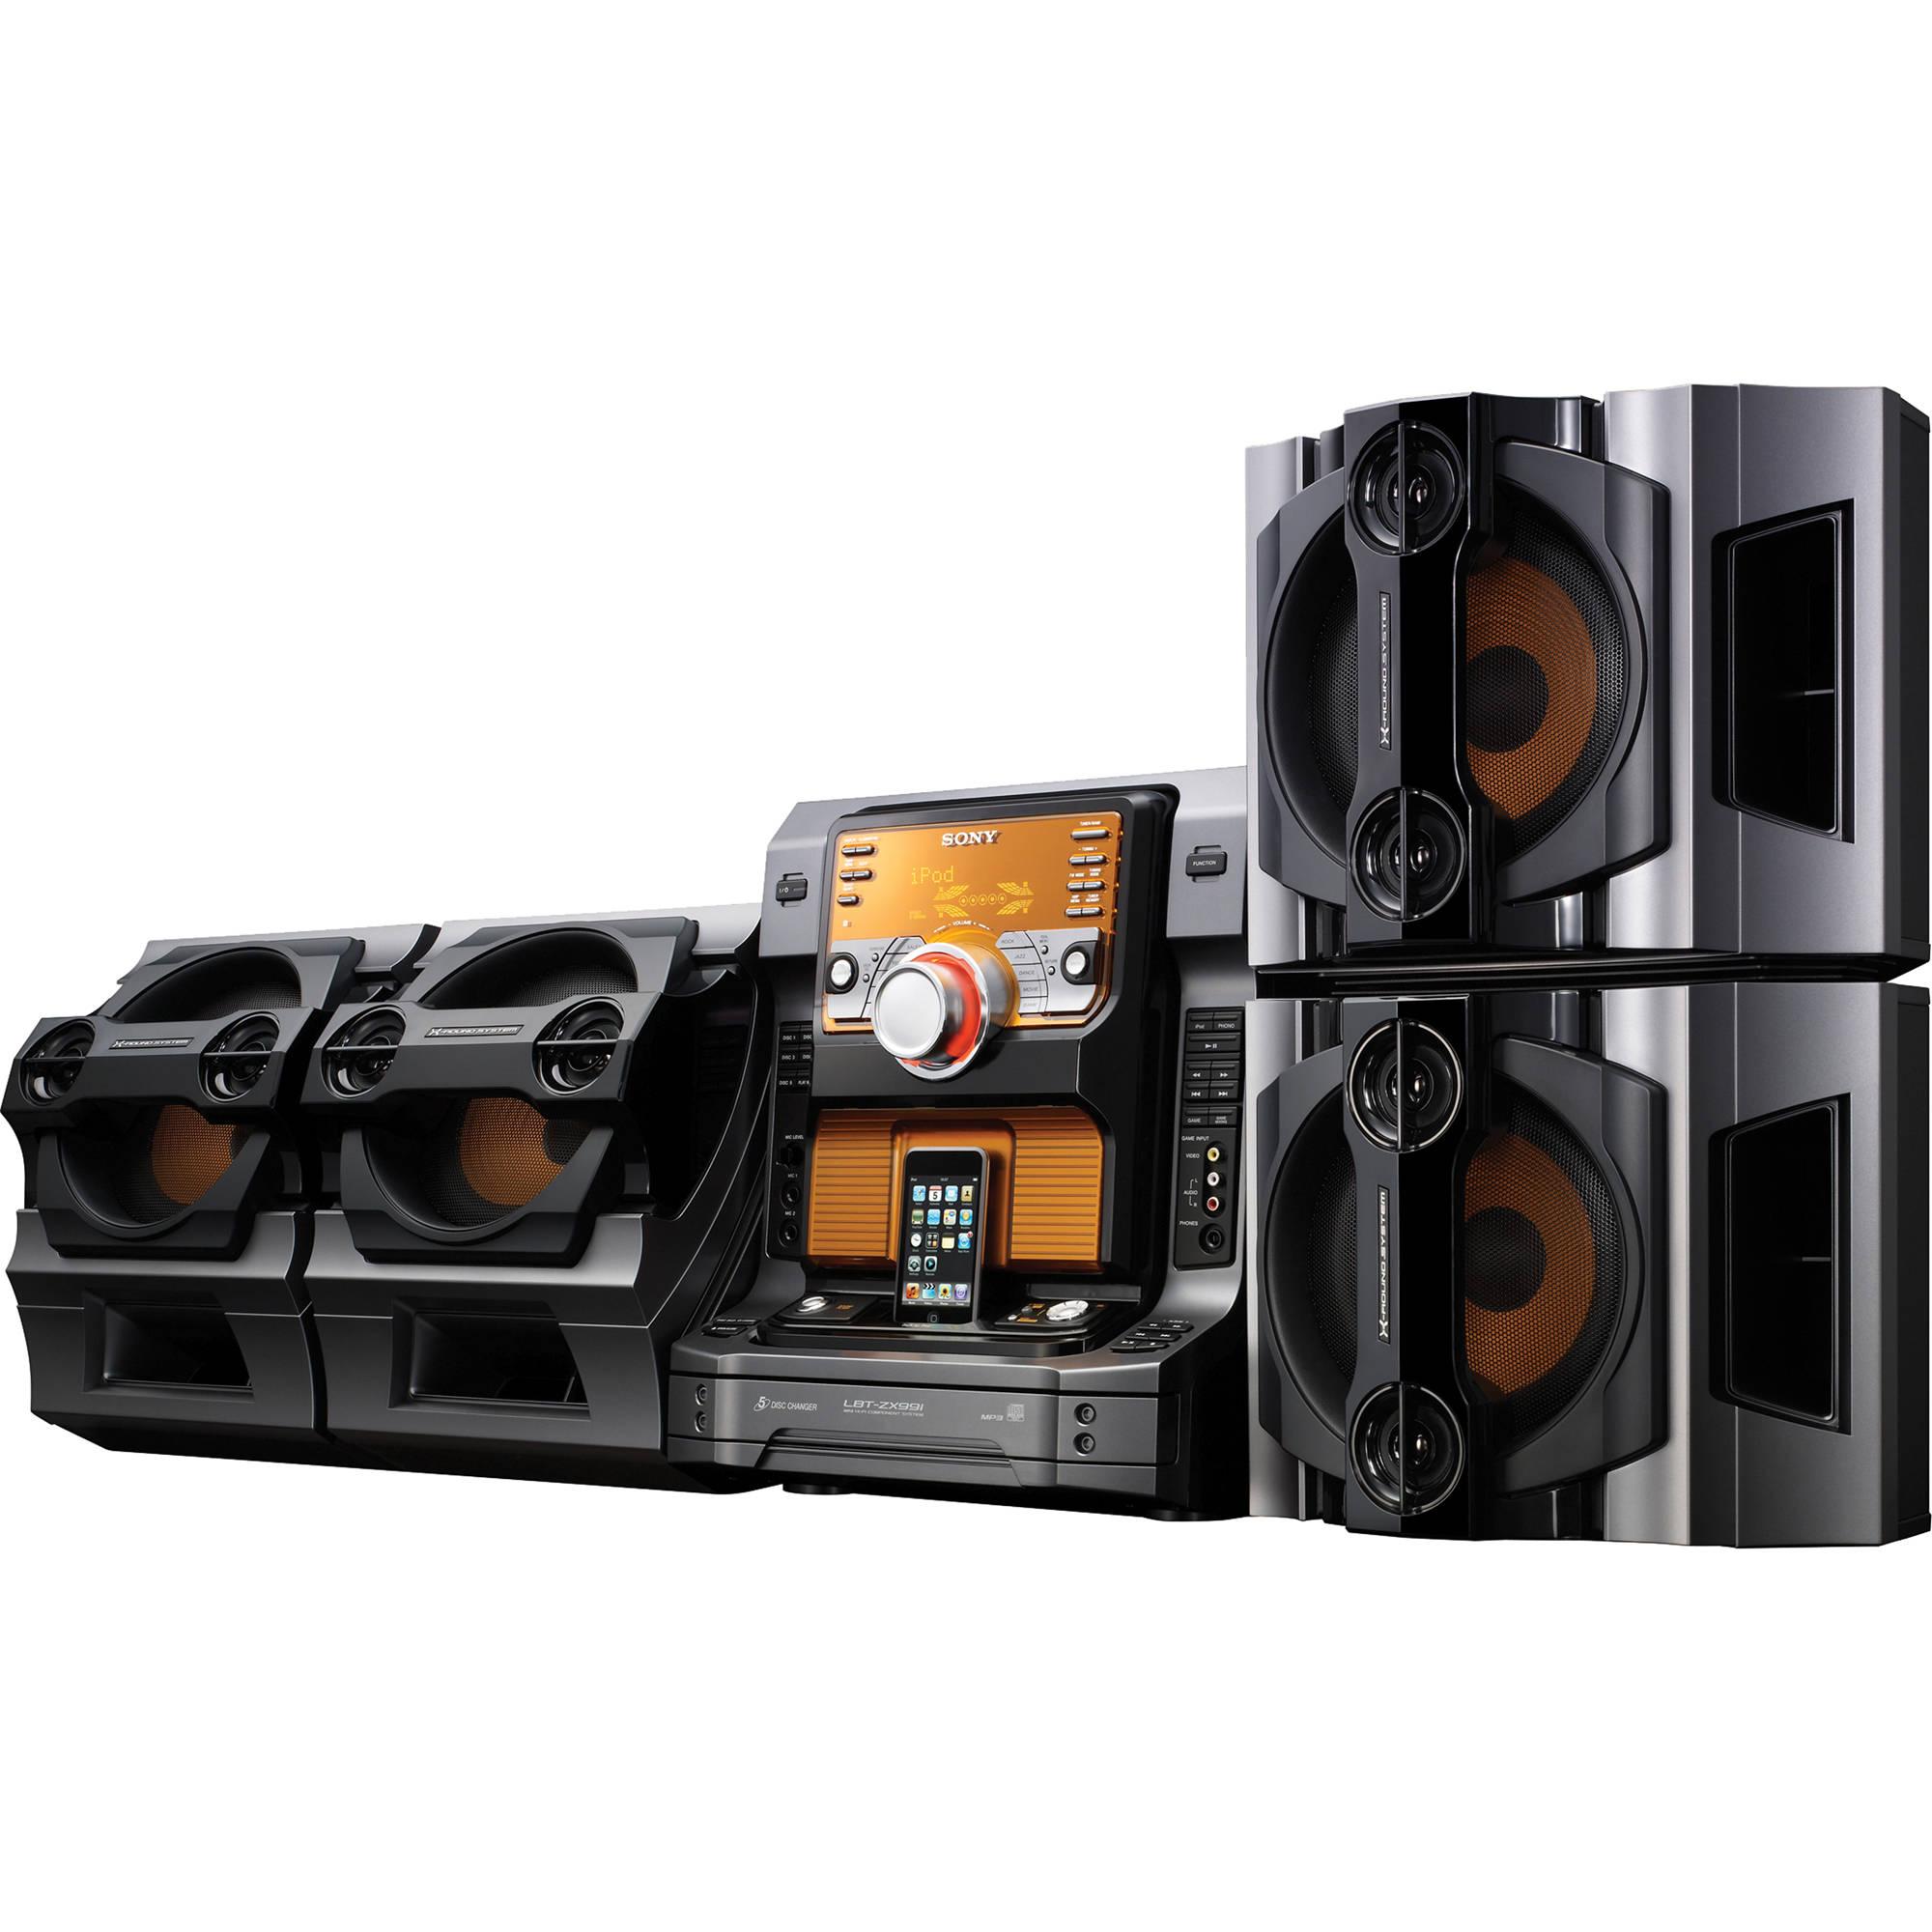 Sony lbtzx99i mini hi fi component system lbtzx99i b h photo